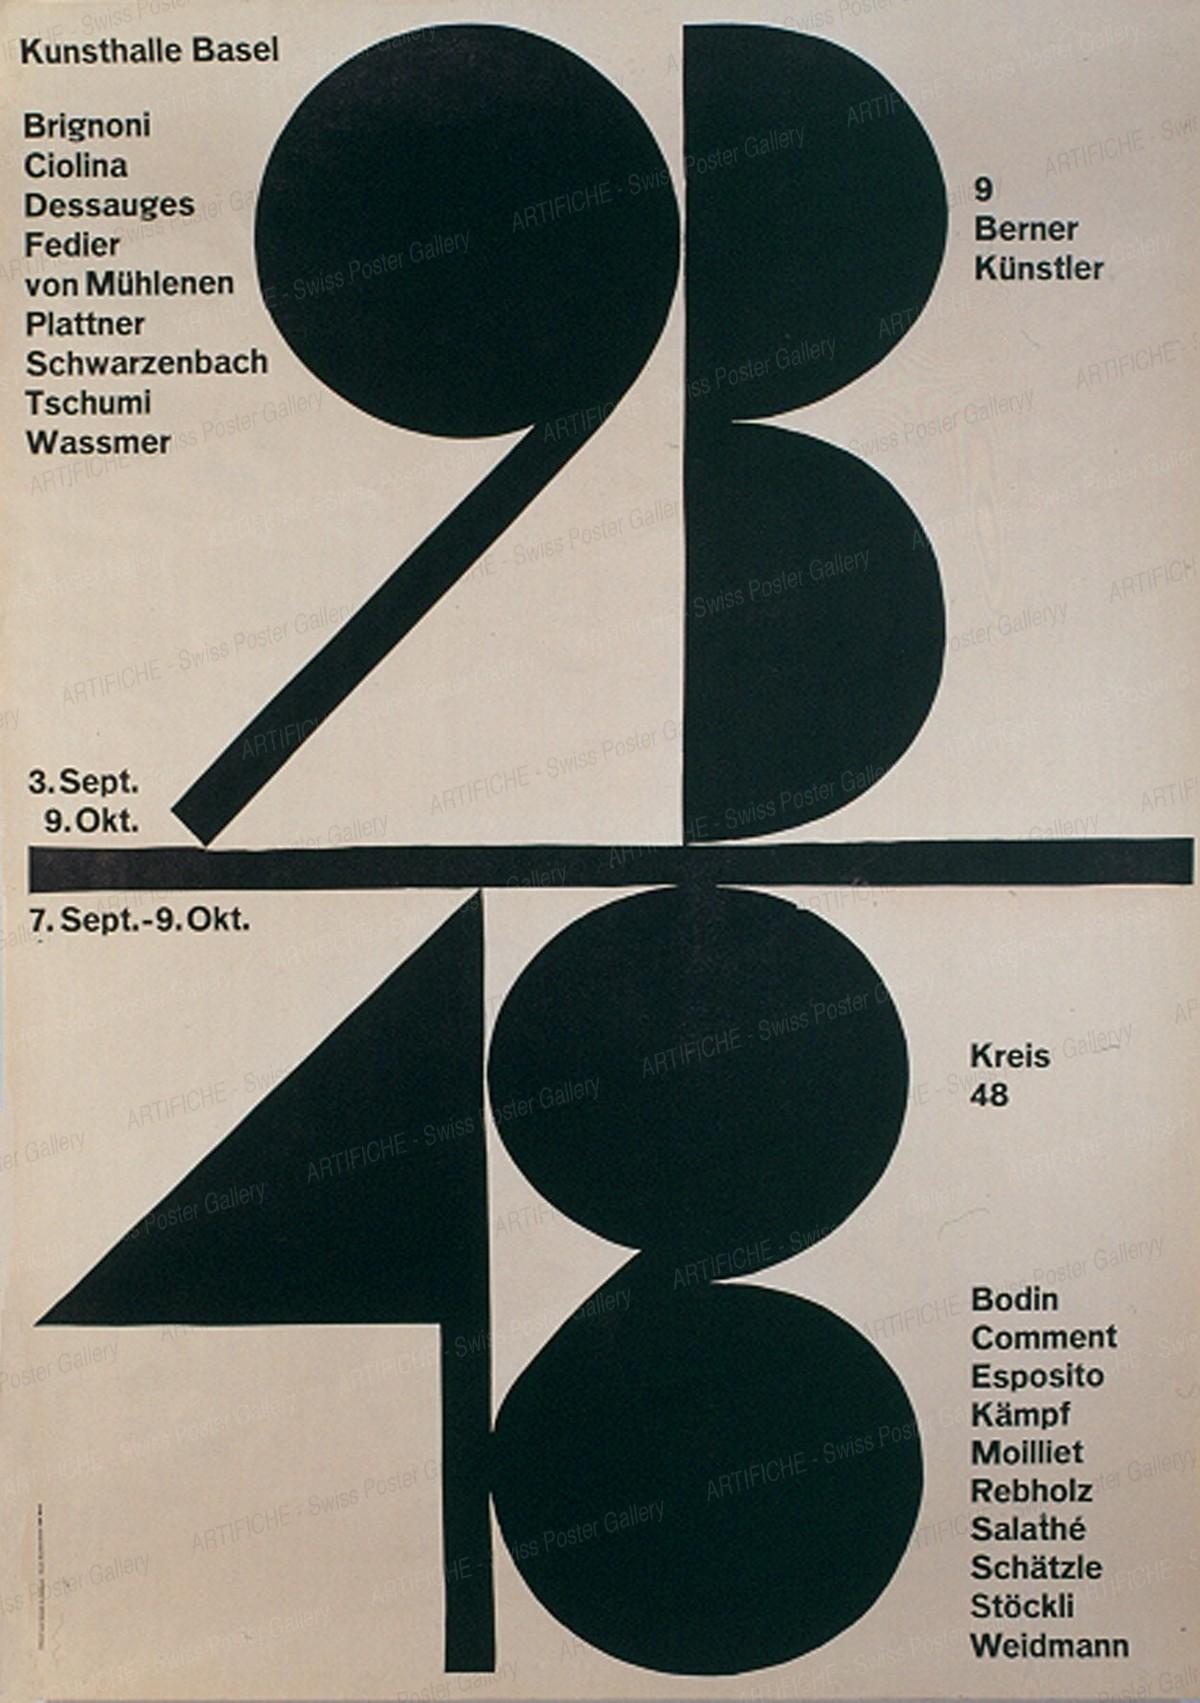 Kunsthalle Basel – 9 Berner Künstler / Kreis 48 (Ernst Messerli, Werner Witschi), Armin Hofmann